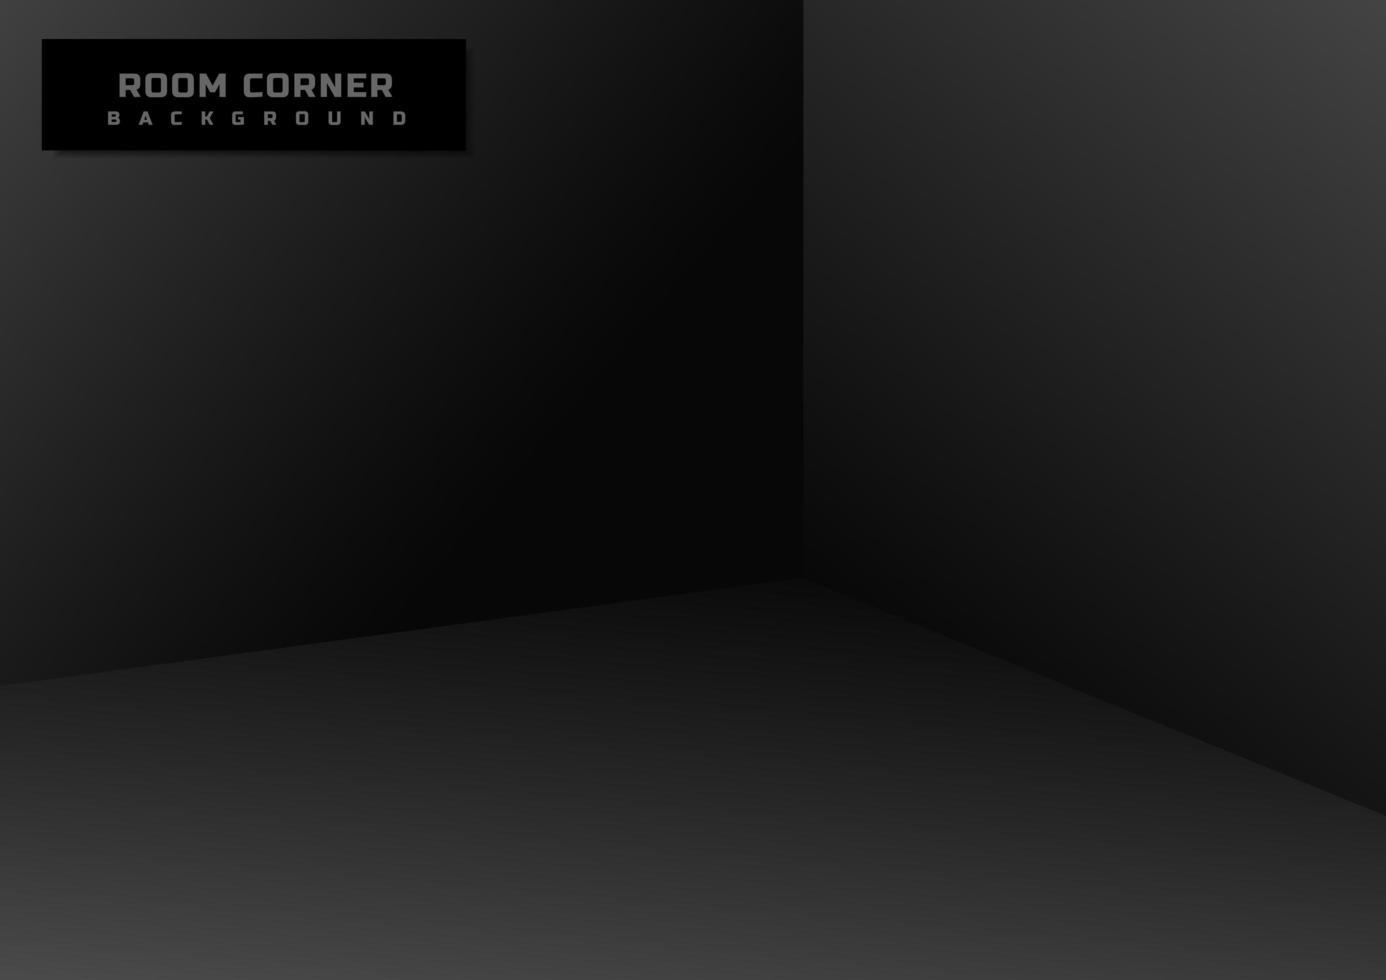 esquina de la habitación vacía negra vector